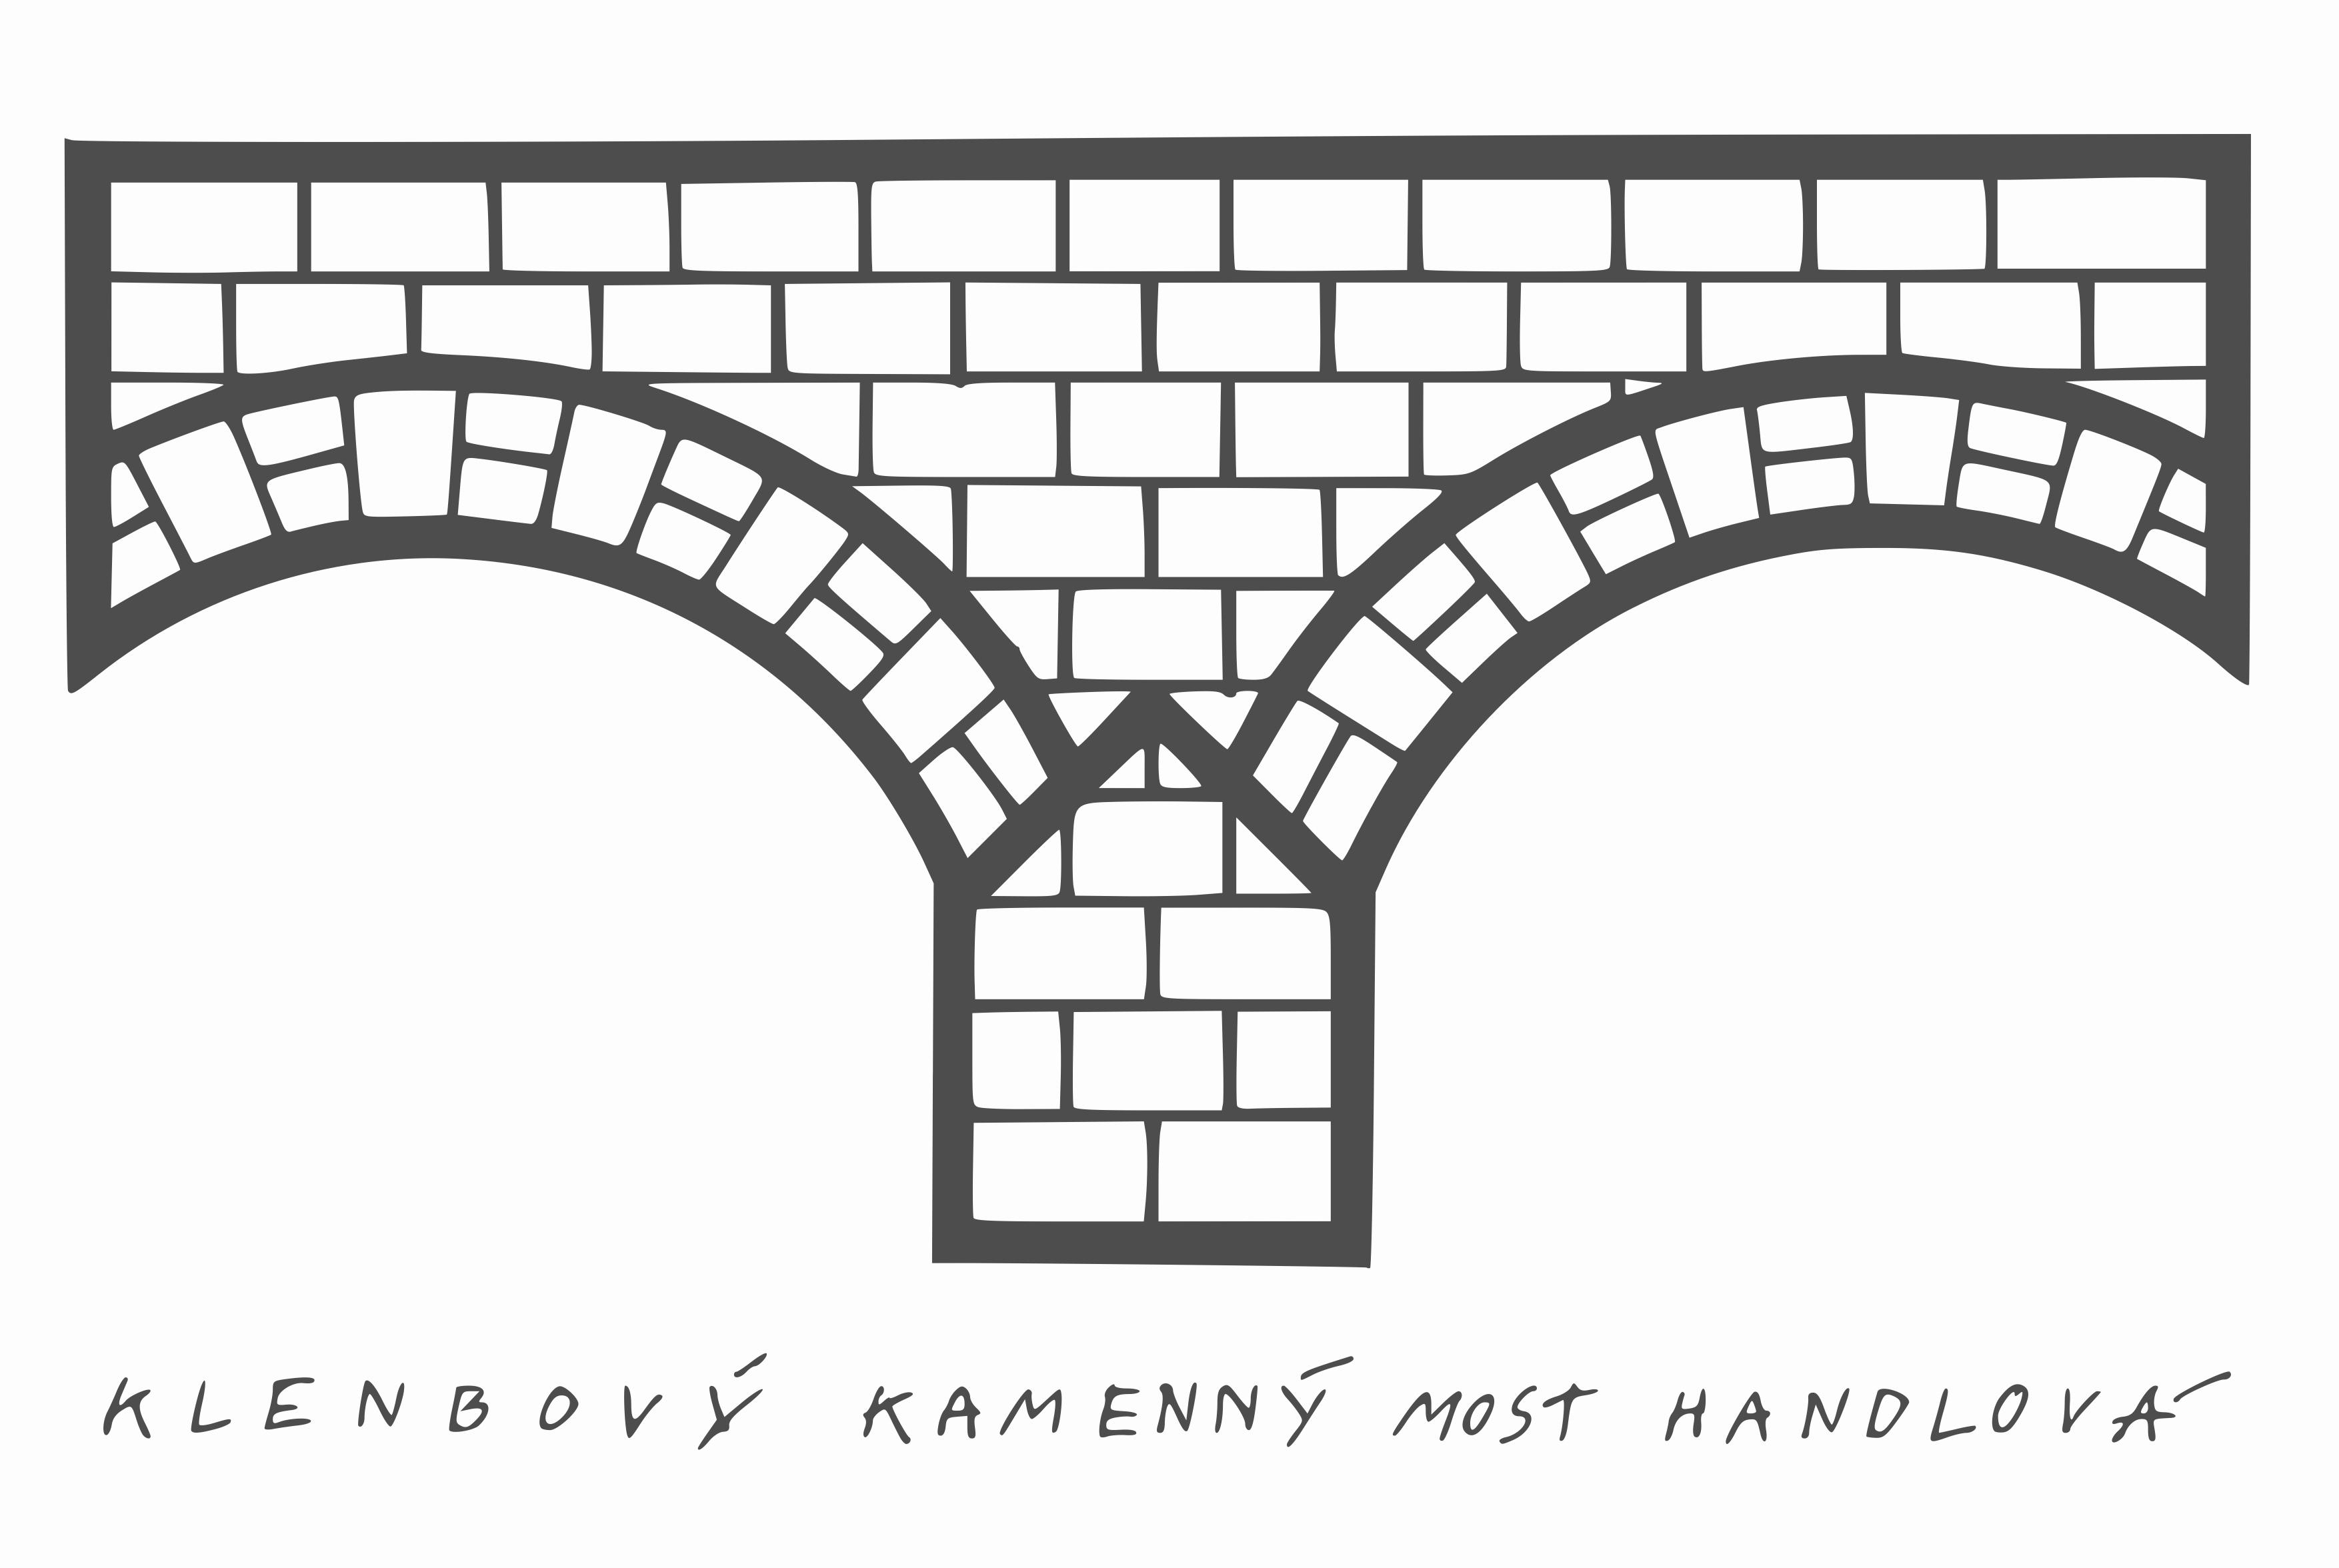 KLENBOVY_KAMENNY_MOST_HANDLOVA_R.NEMEC_web2